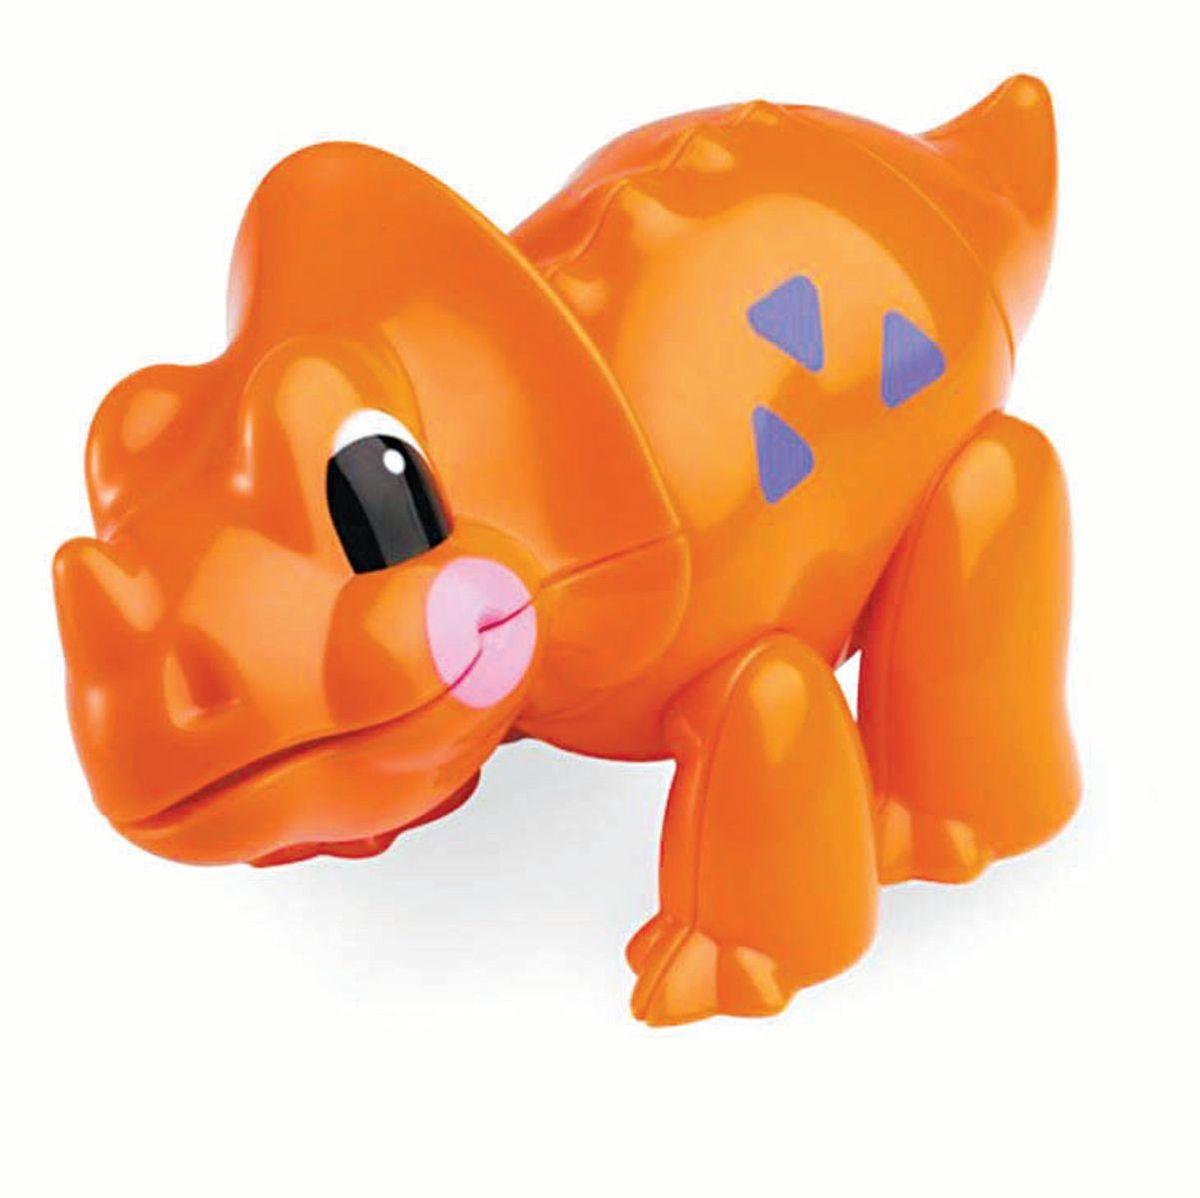 Ути-Пути Развивающая игрушка Динозавр 49716 цена